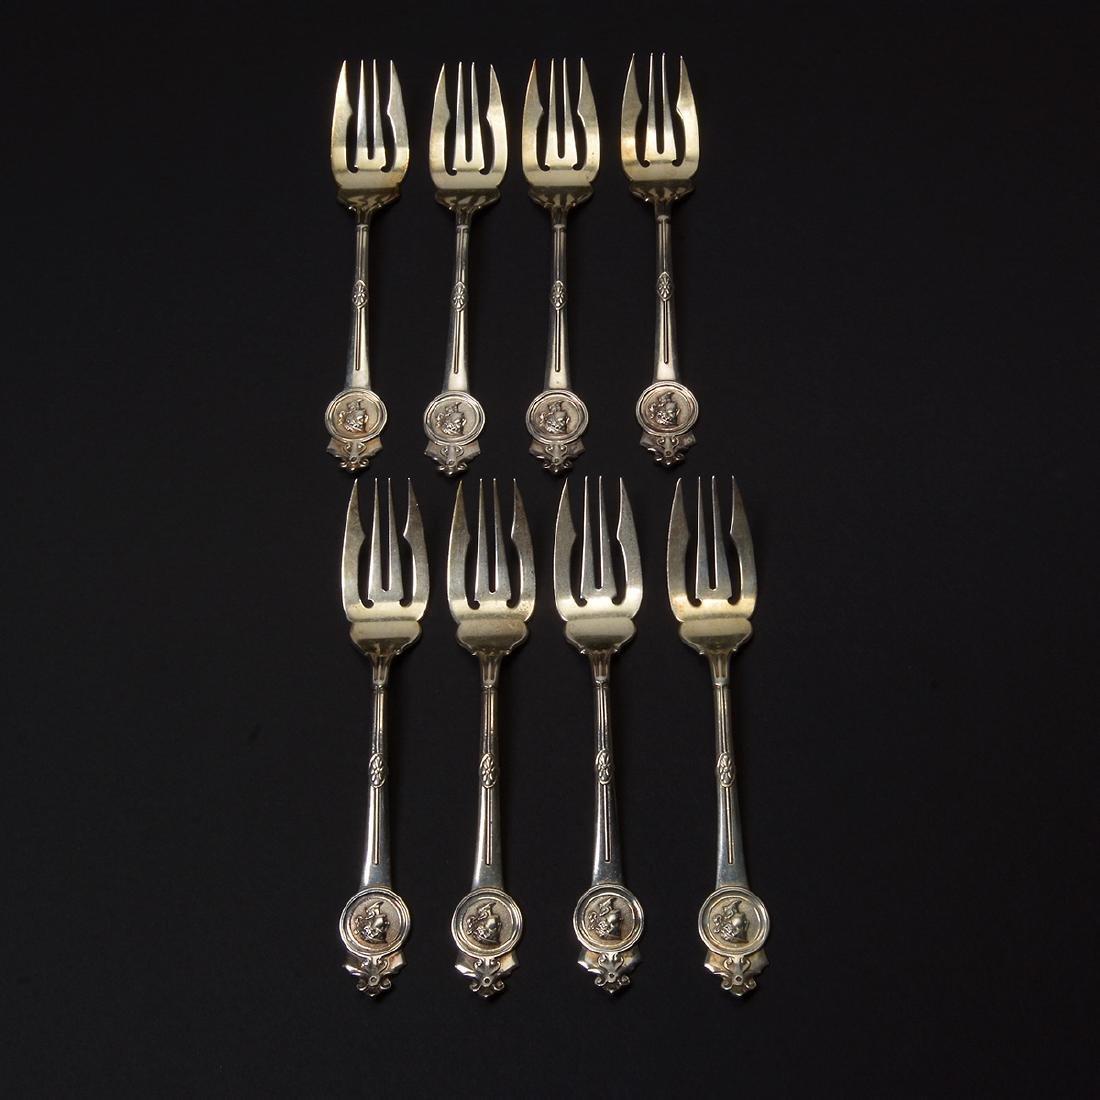 Gorham Medallion Sterling Flatware Set (111 pcs) - 4